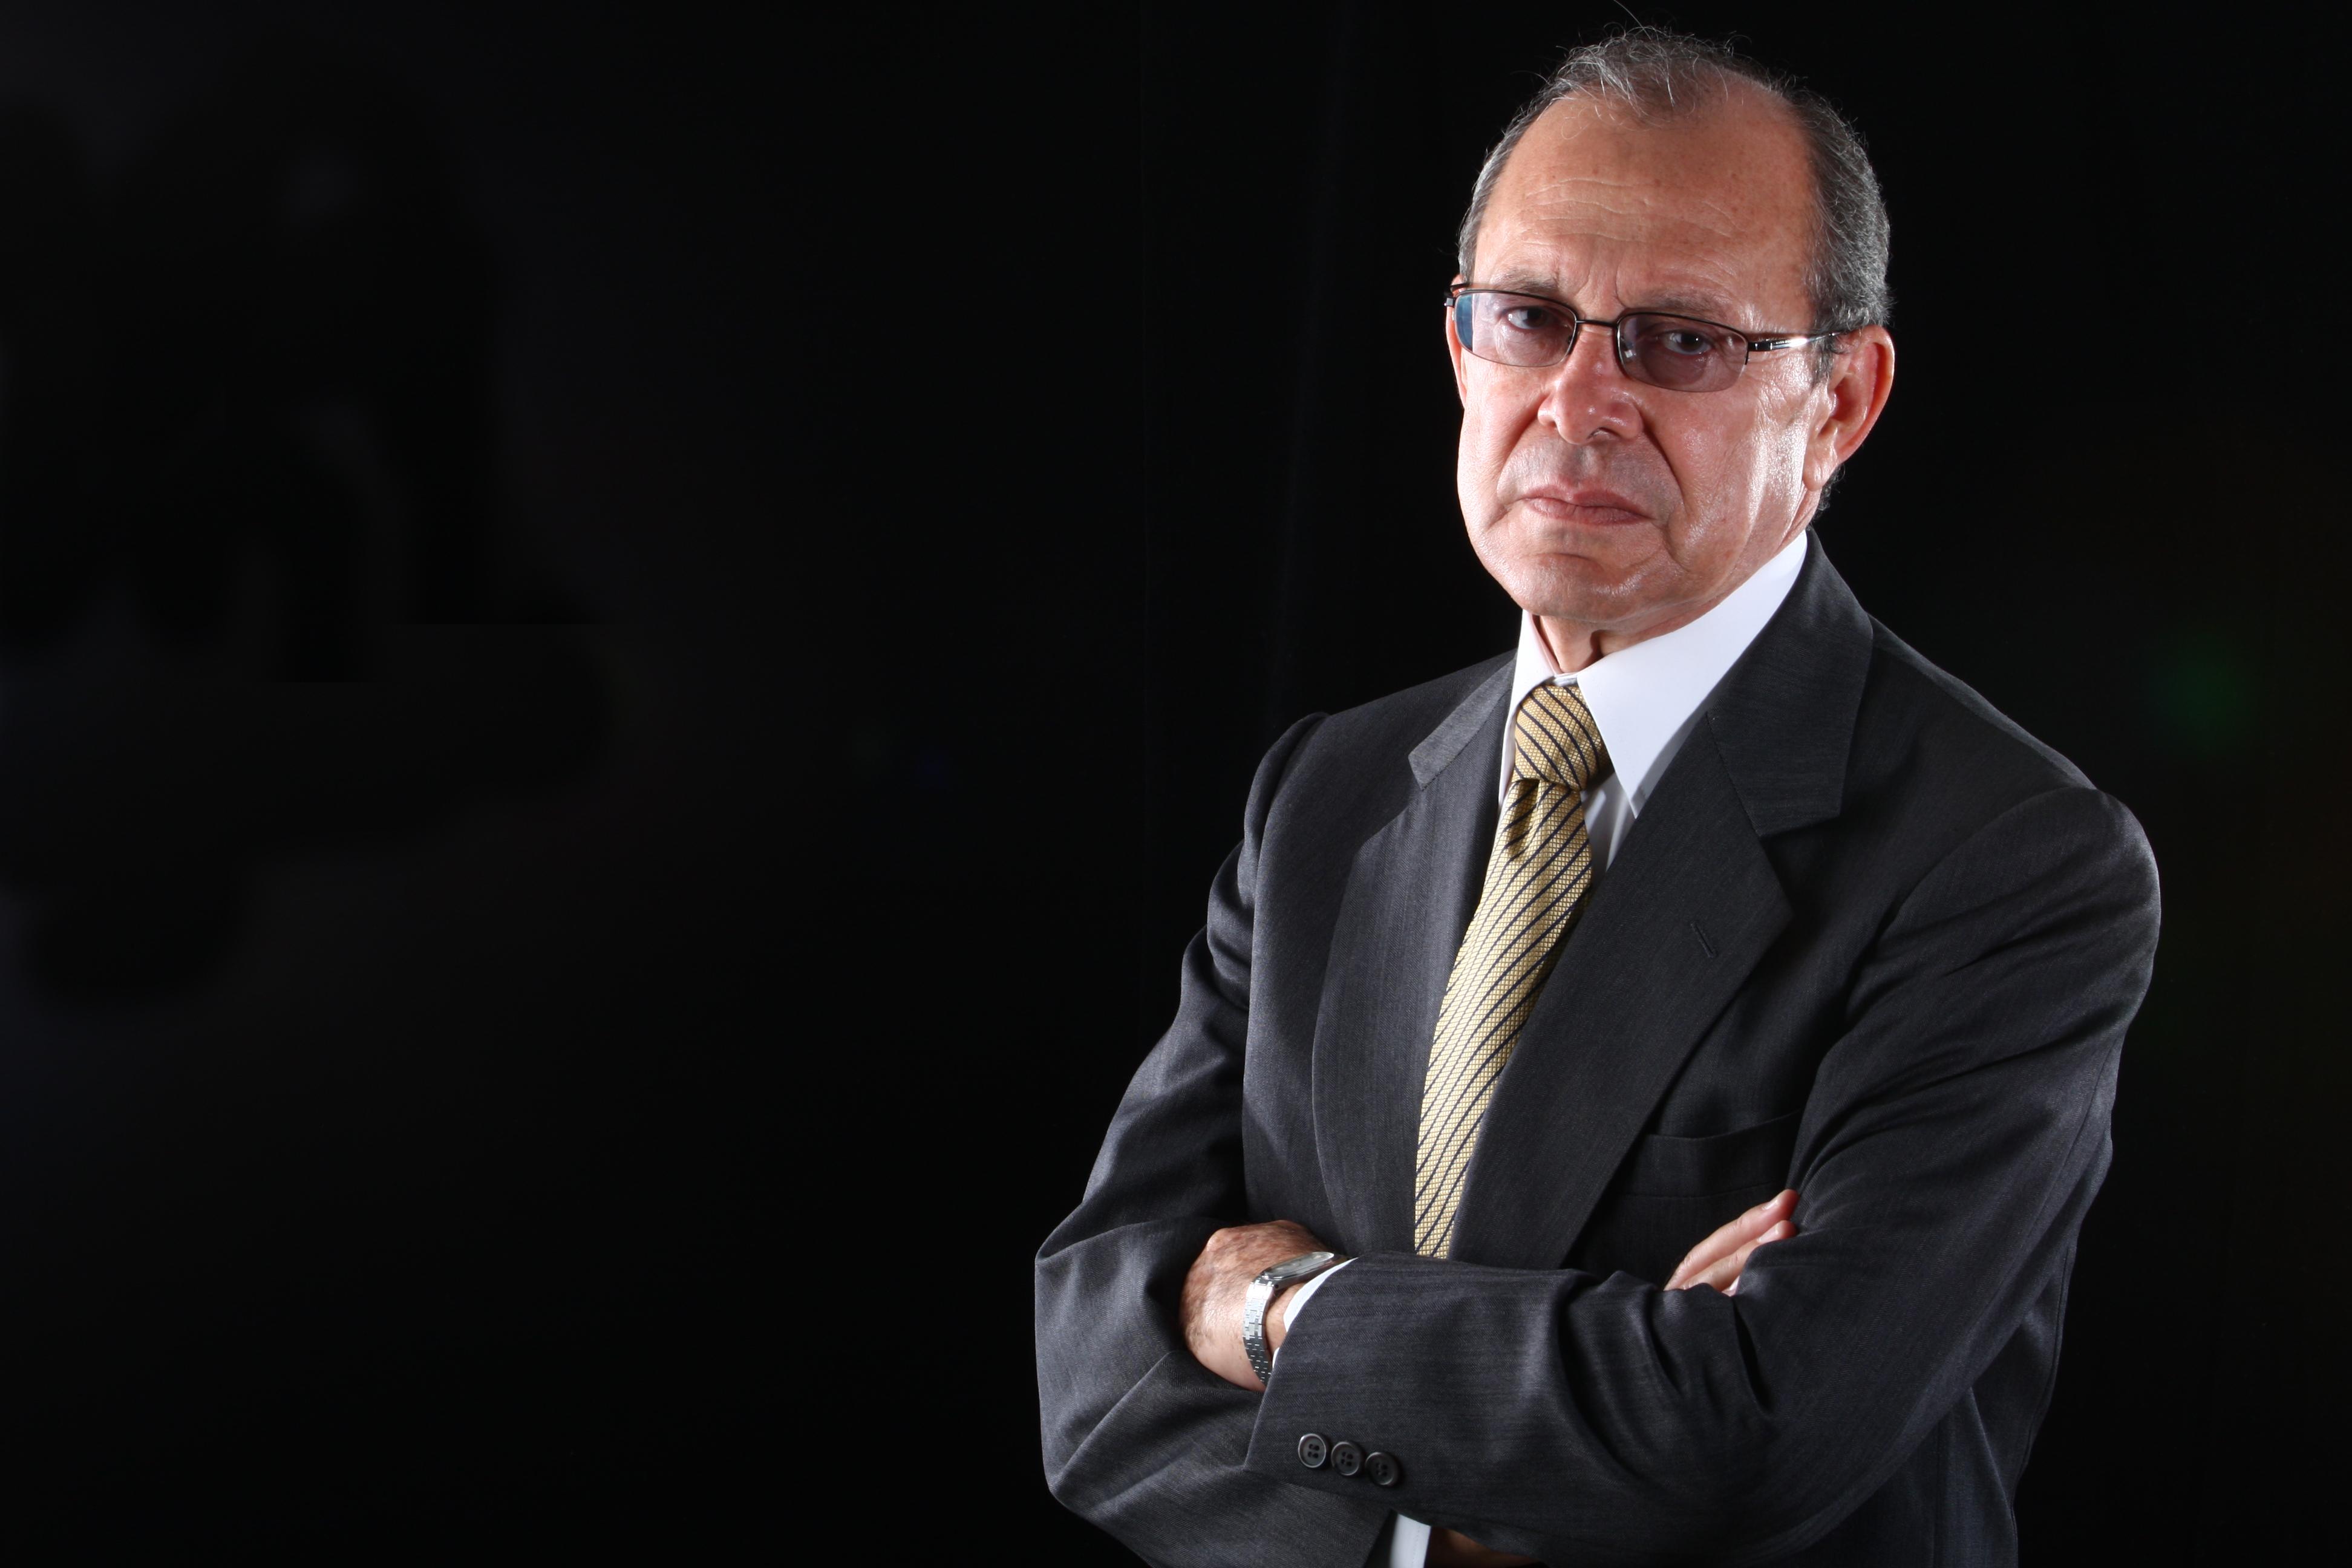 El caso bust os y el ministro del interior idehpucp pucp for Ministro del interior actual